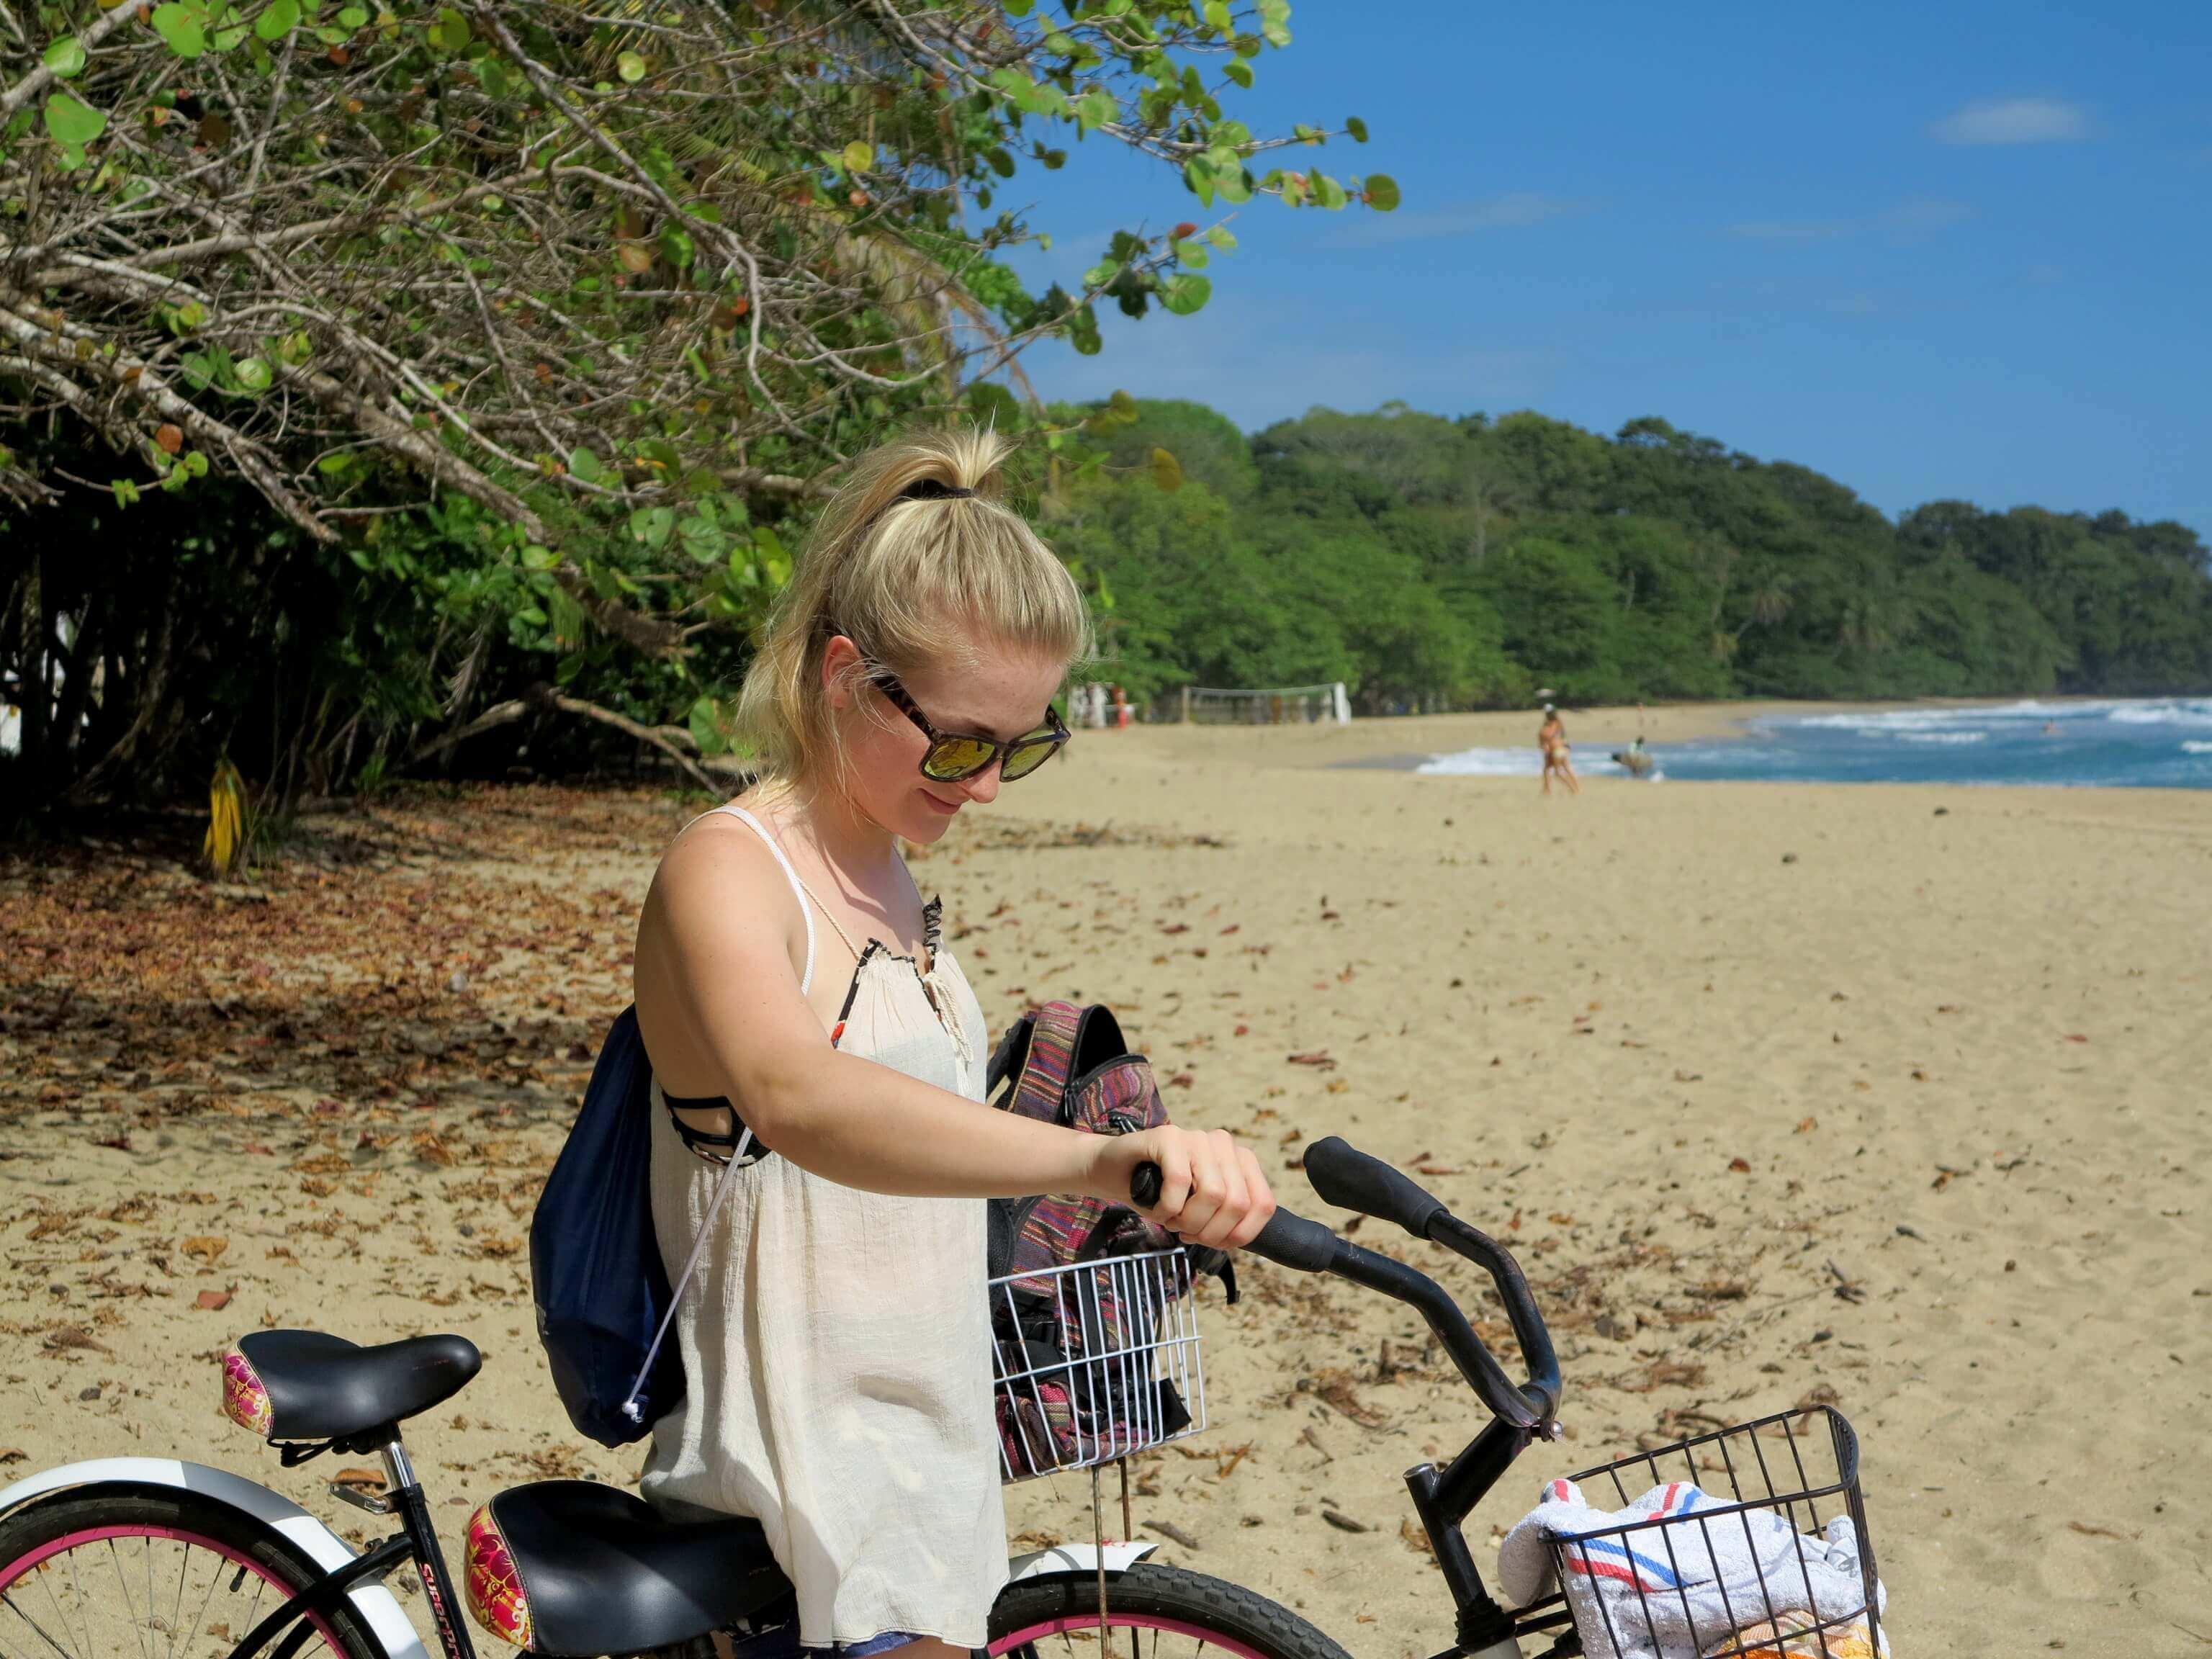 Mit dem Fahrrad lassen sich die Strände rund um Puerto Viejo hervorragend erkunden